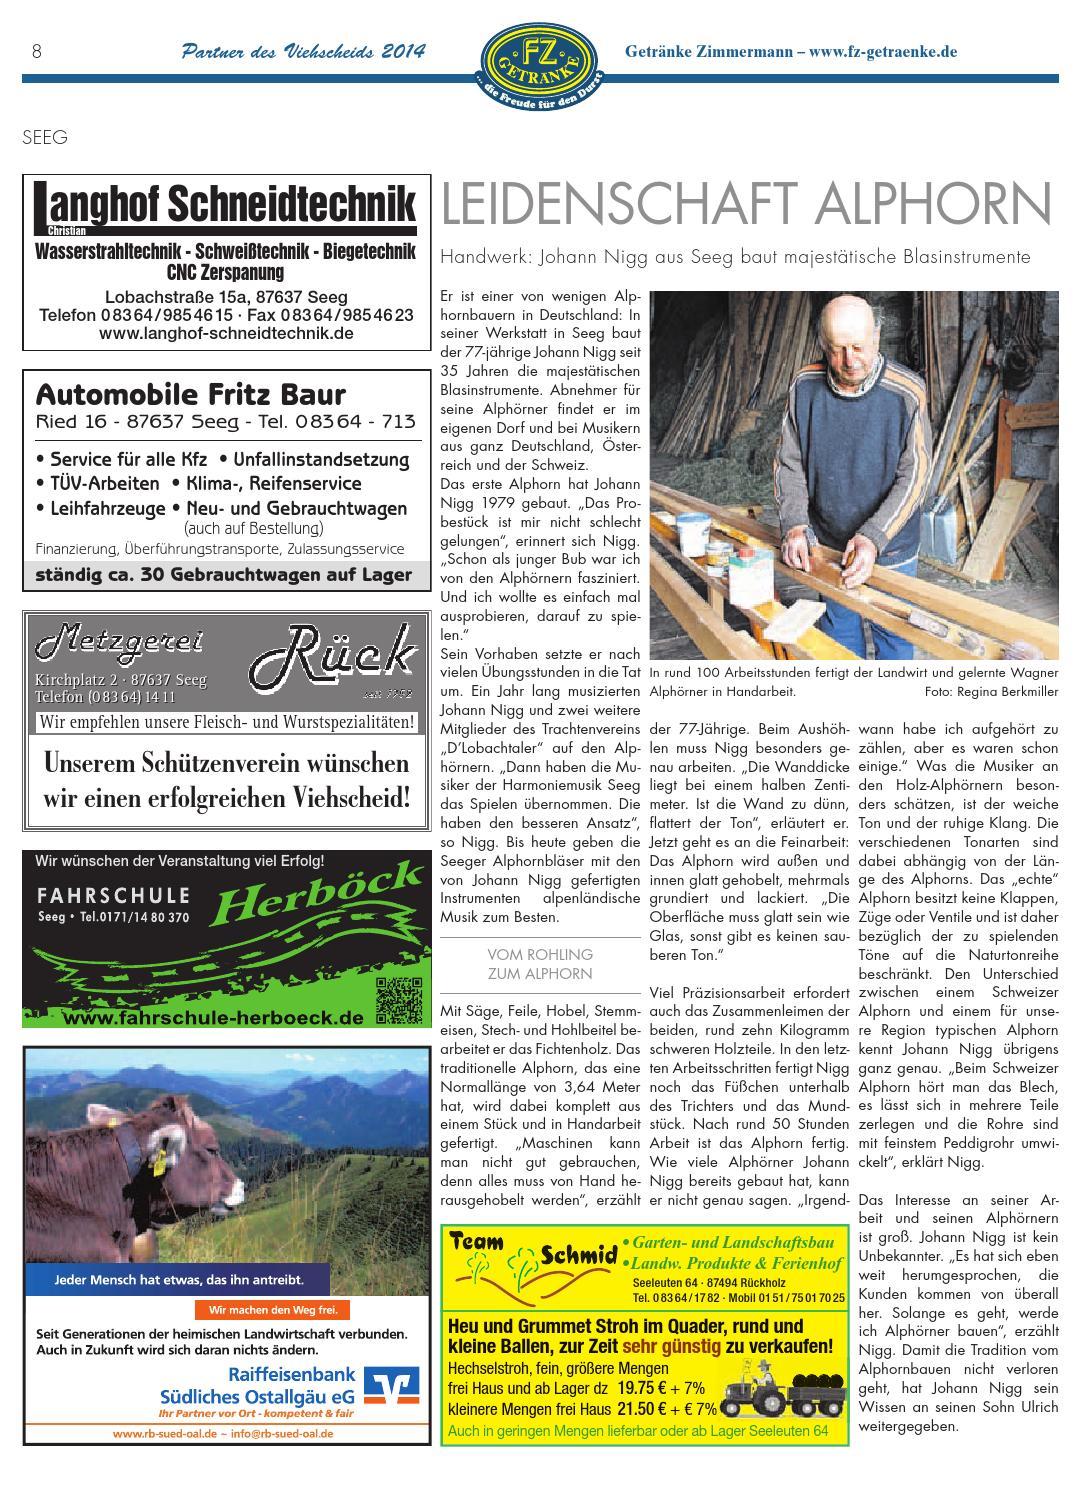 Viehscheid-Beilage der Allgäuer Zeitung im Ostallgäu by rta.design ...